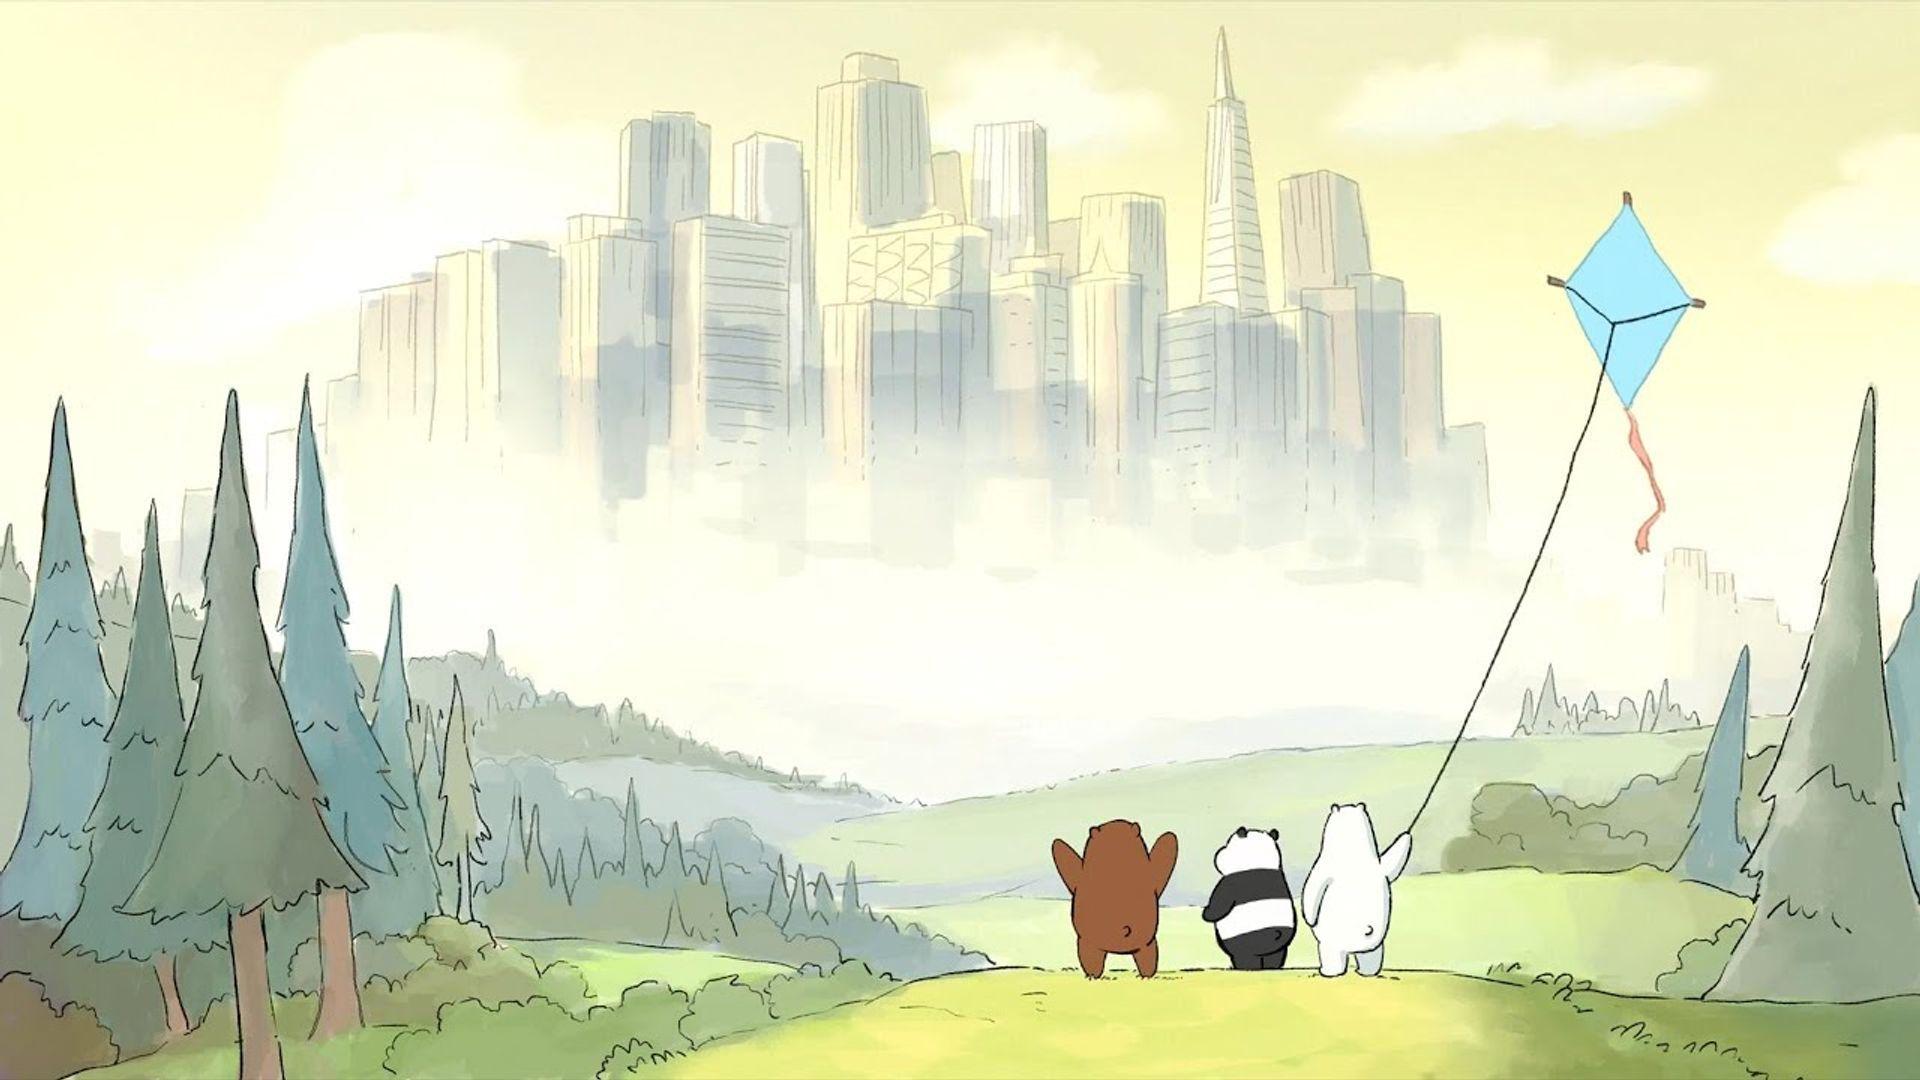 Os 3 Ursos brincam com uma pipa.